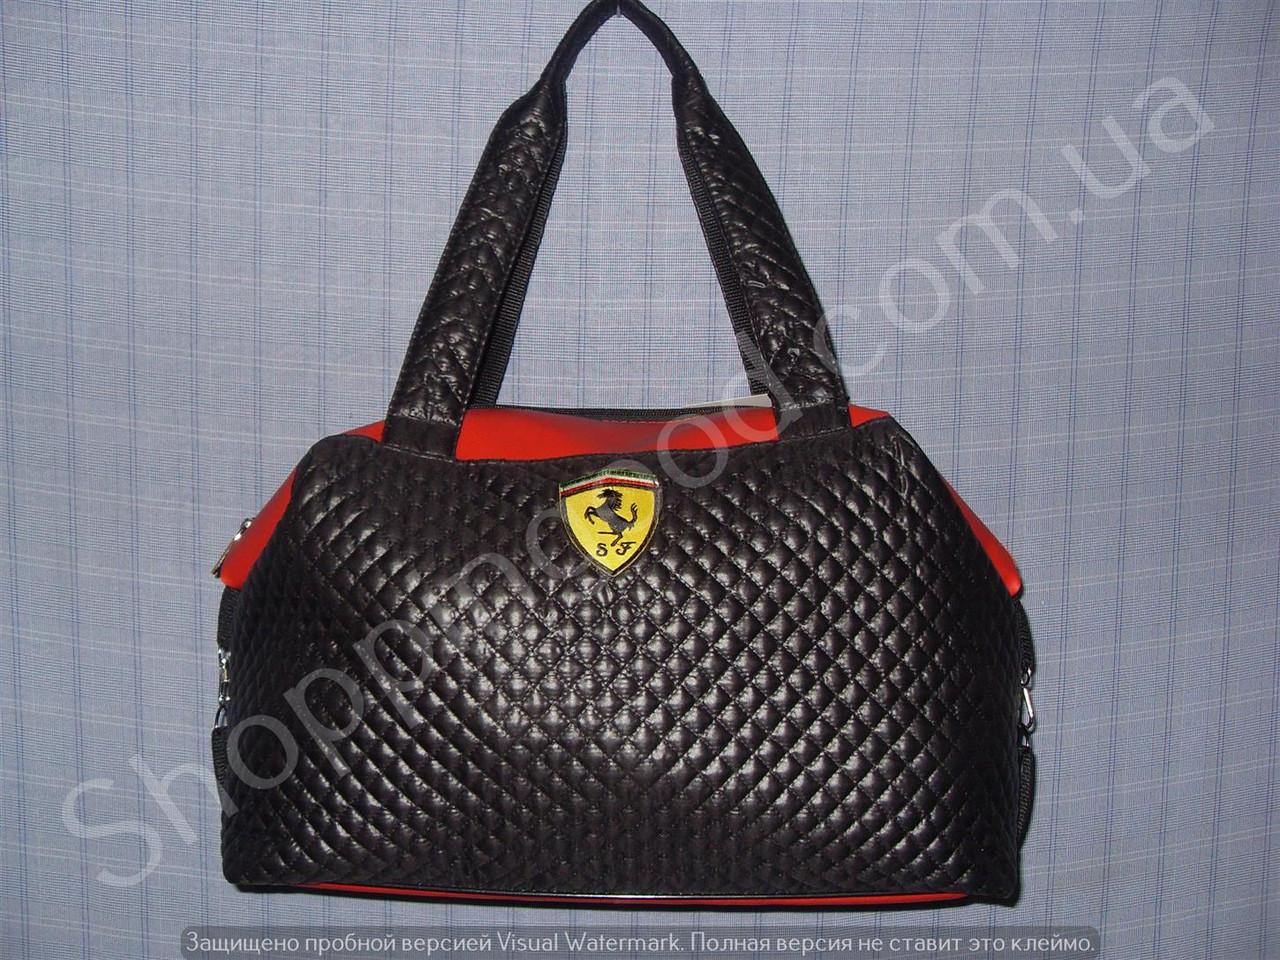 f9f8f726d506 Женская сумка Ferrari 013635 черная с красным спортивная из стеганной ткани  и кожзама - Shoppingood в